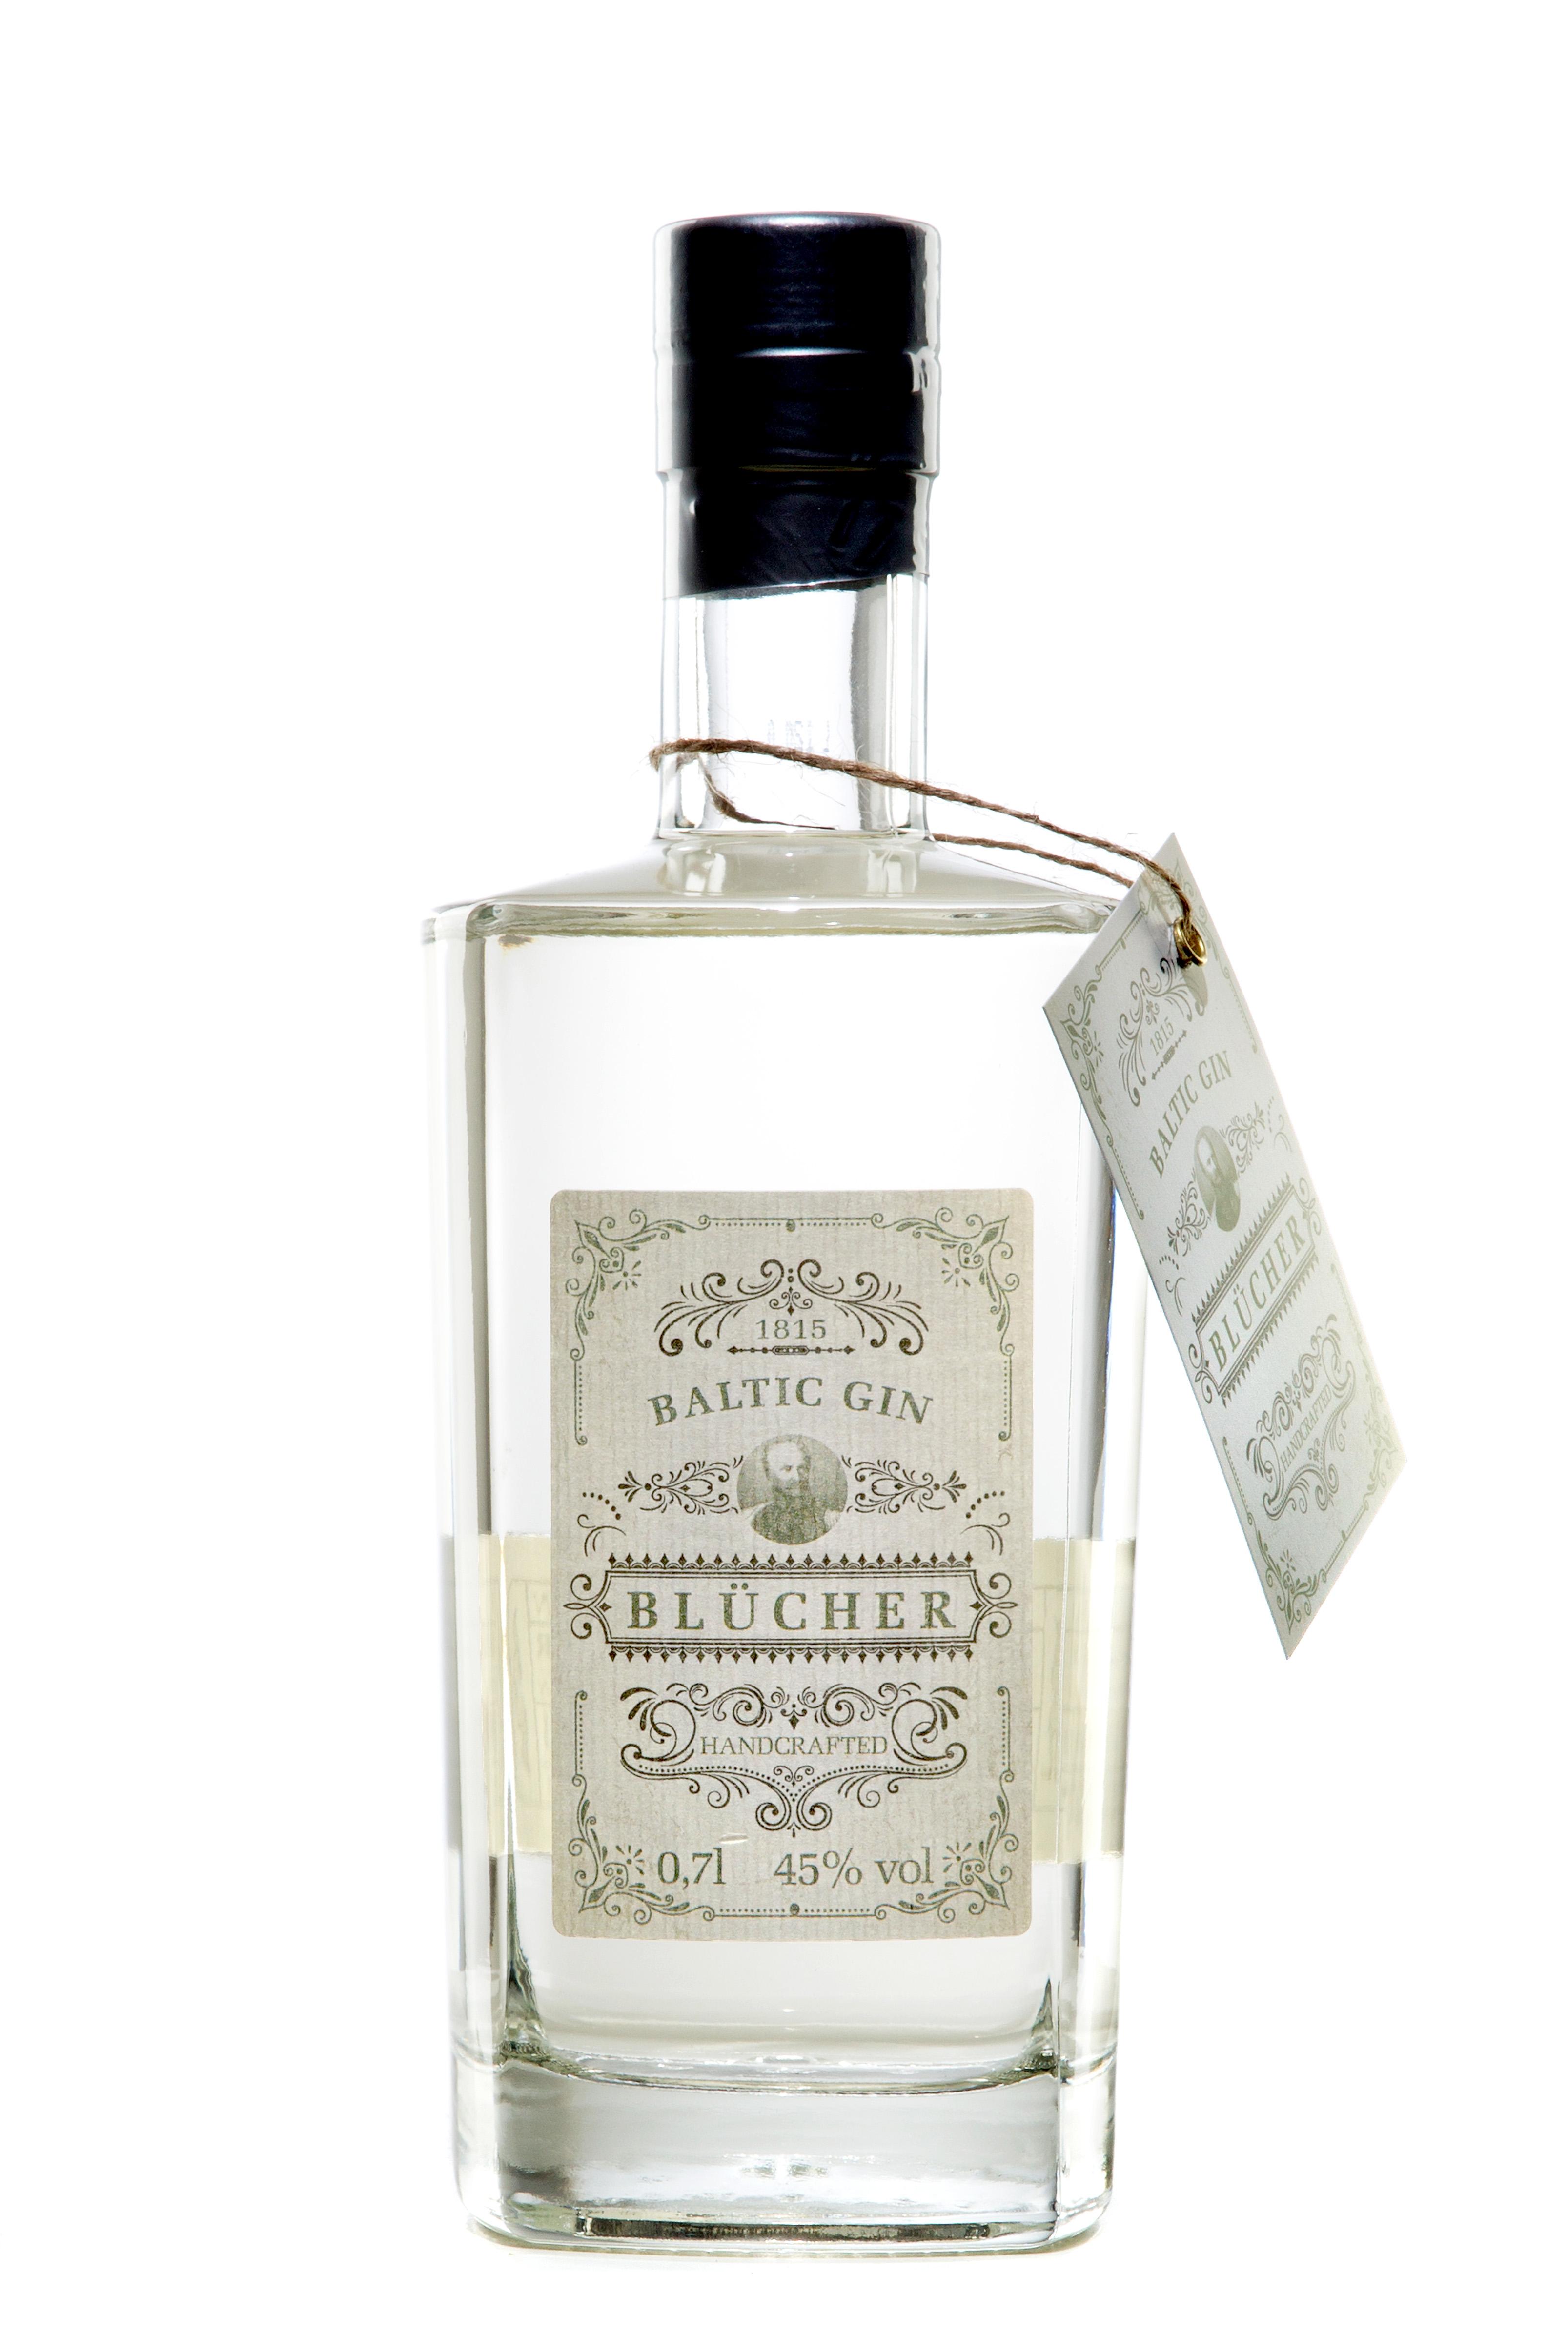 Blücher Baltic Gin